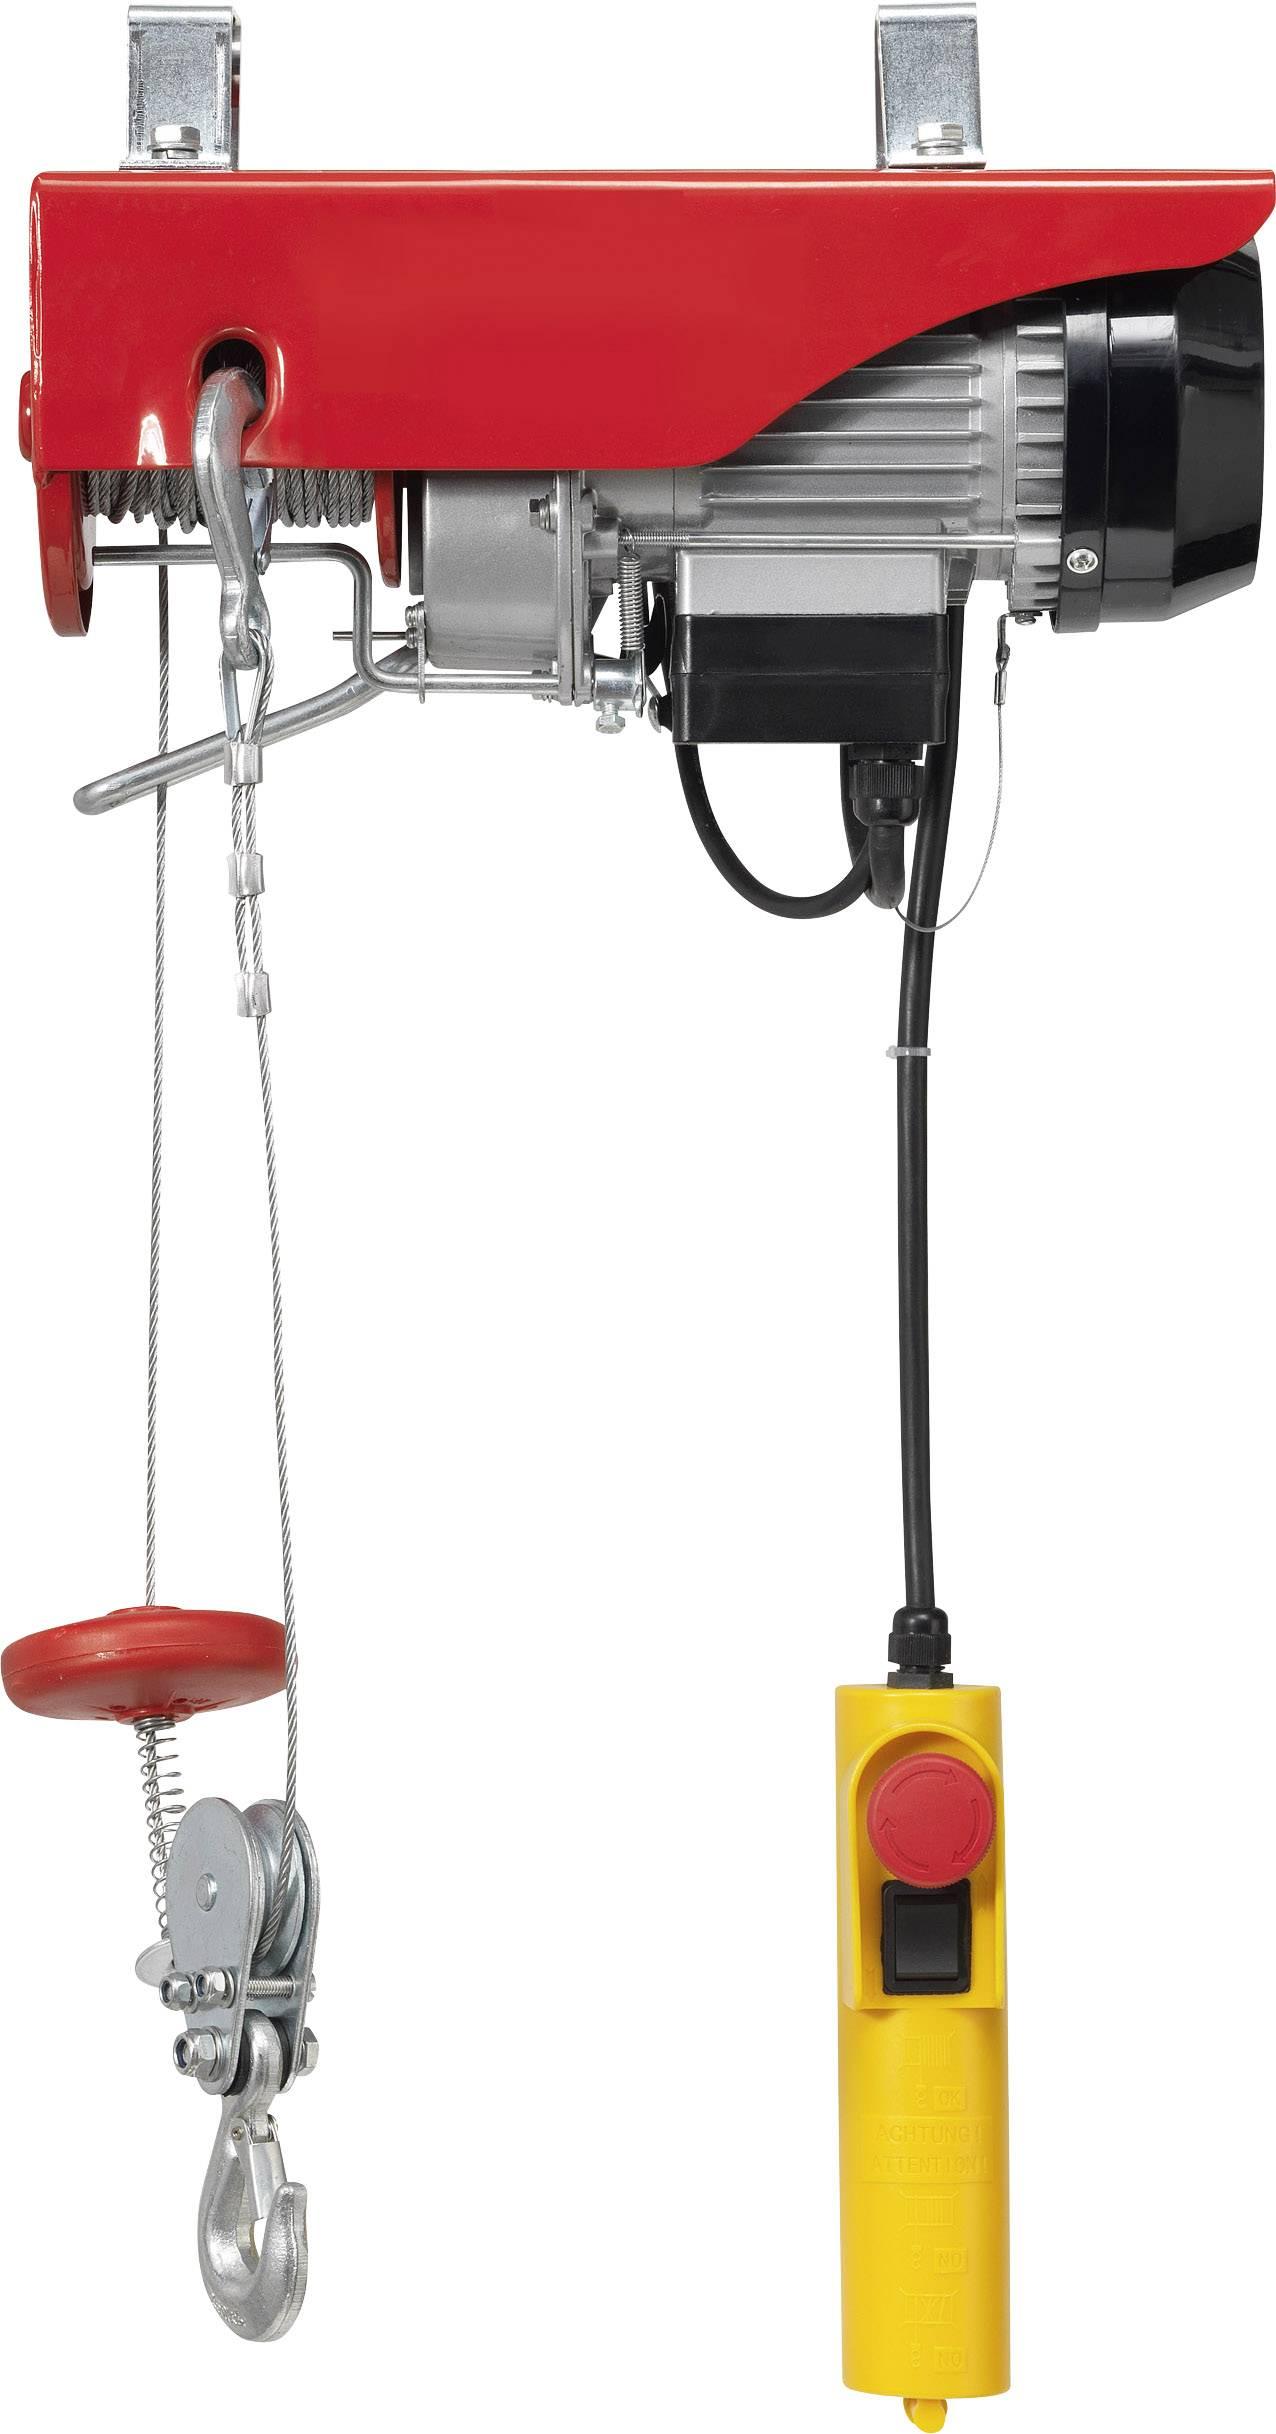 Elektrický lanový kladkostroj TOOLCRAFT 1550315, 125 kg/250 kg, zdvih 12000 mm/6000 mm